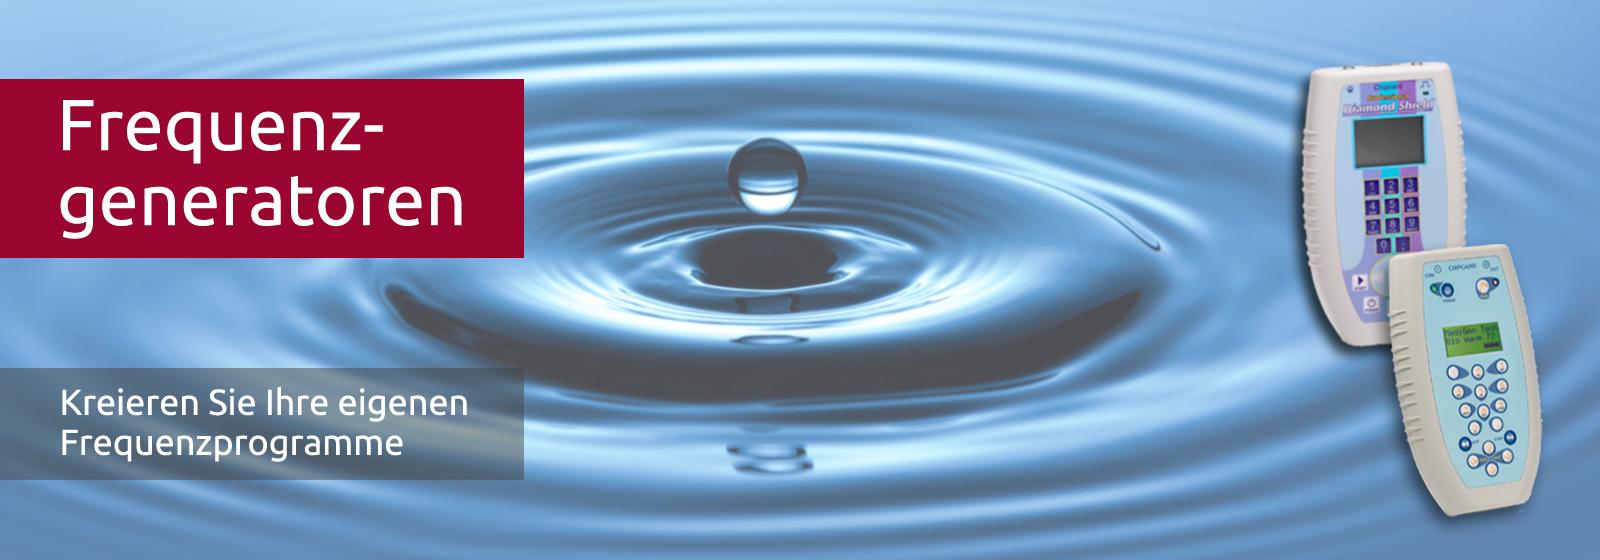 Ein Tropfen fällt ins Wasser und erzeugt kreisförmige Wellen